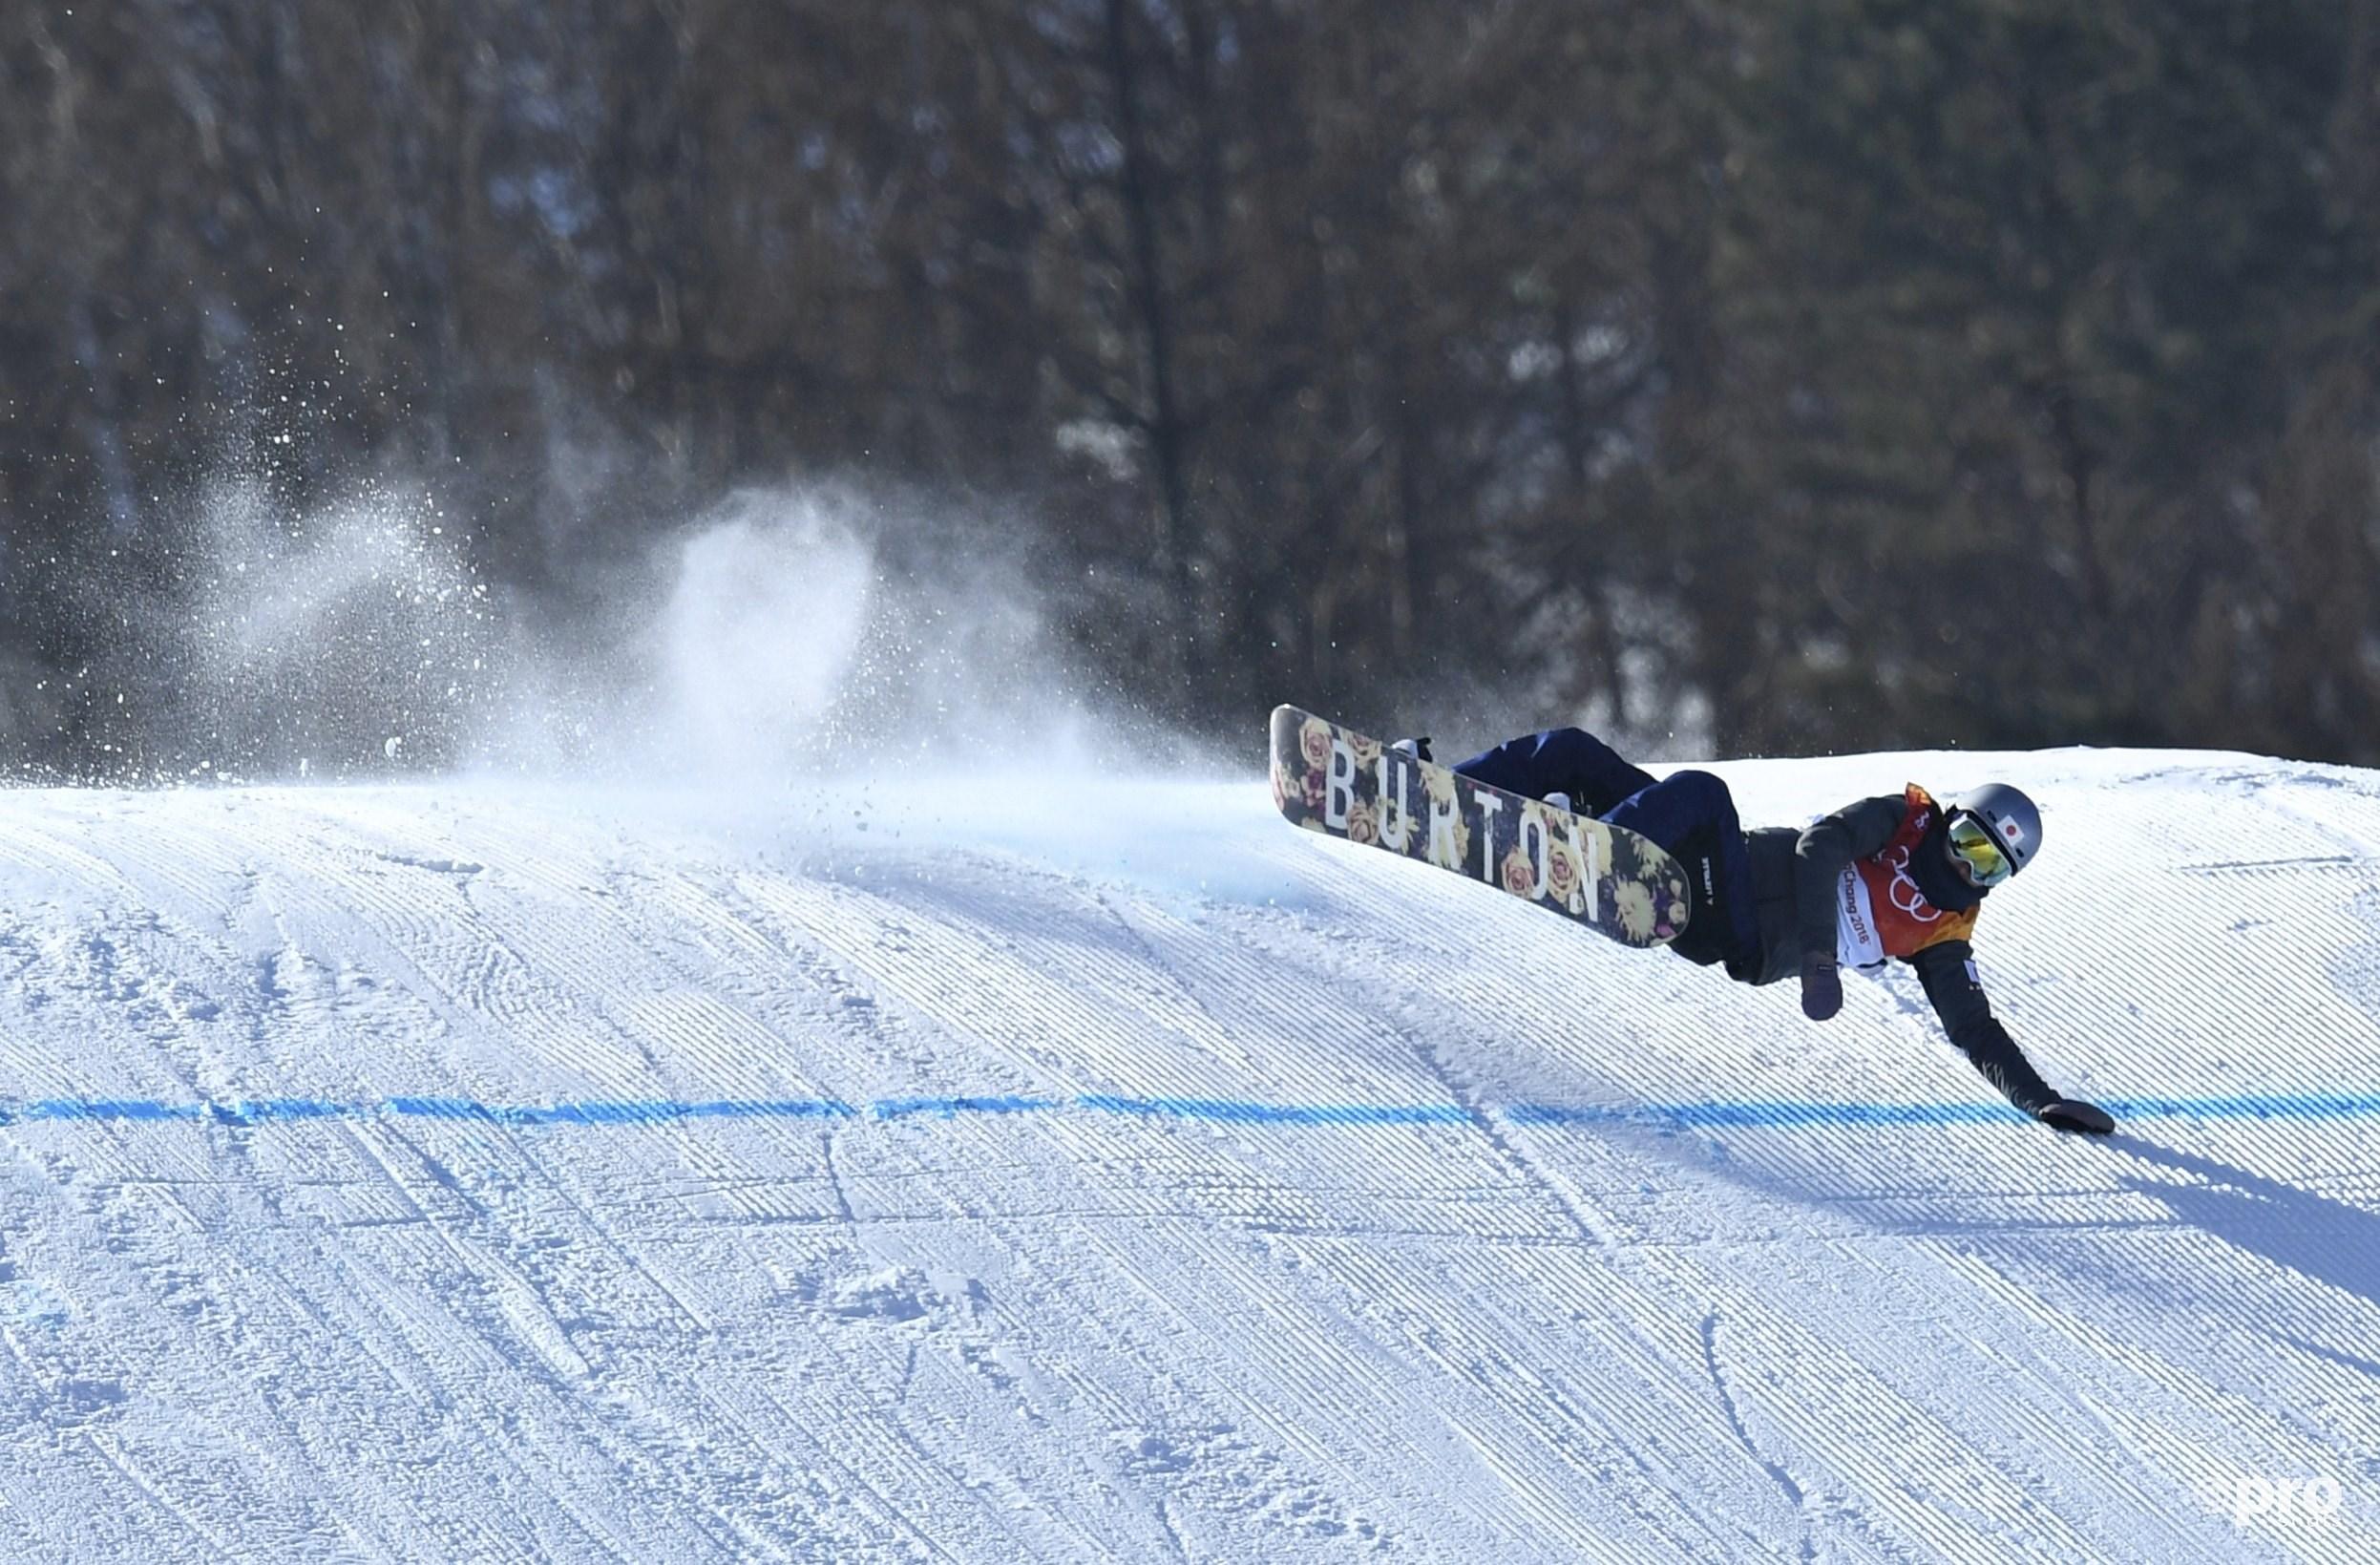 Hét beeld van de mensonterende slopestylefinale: vallende deelneemsters. Hier gaat Miyabi Onitsuka uit Japan onderuit (Pro Shots/Action Images)